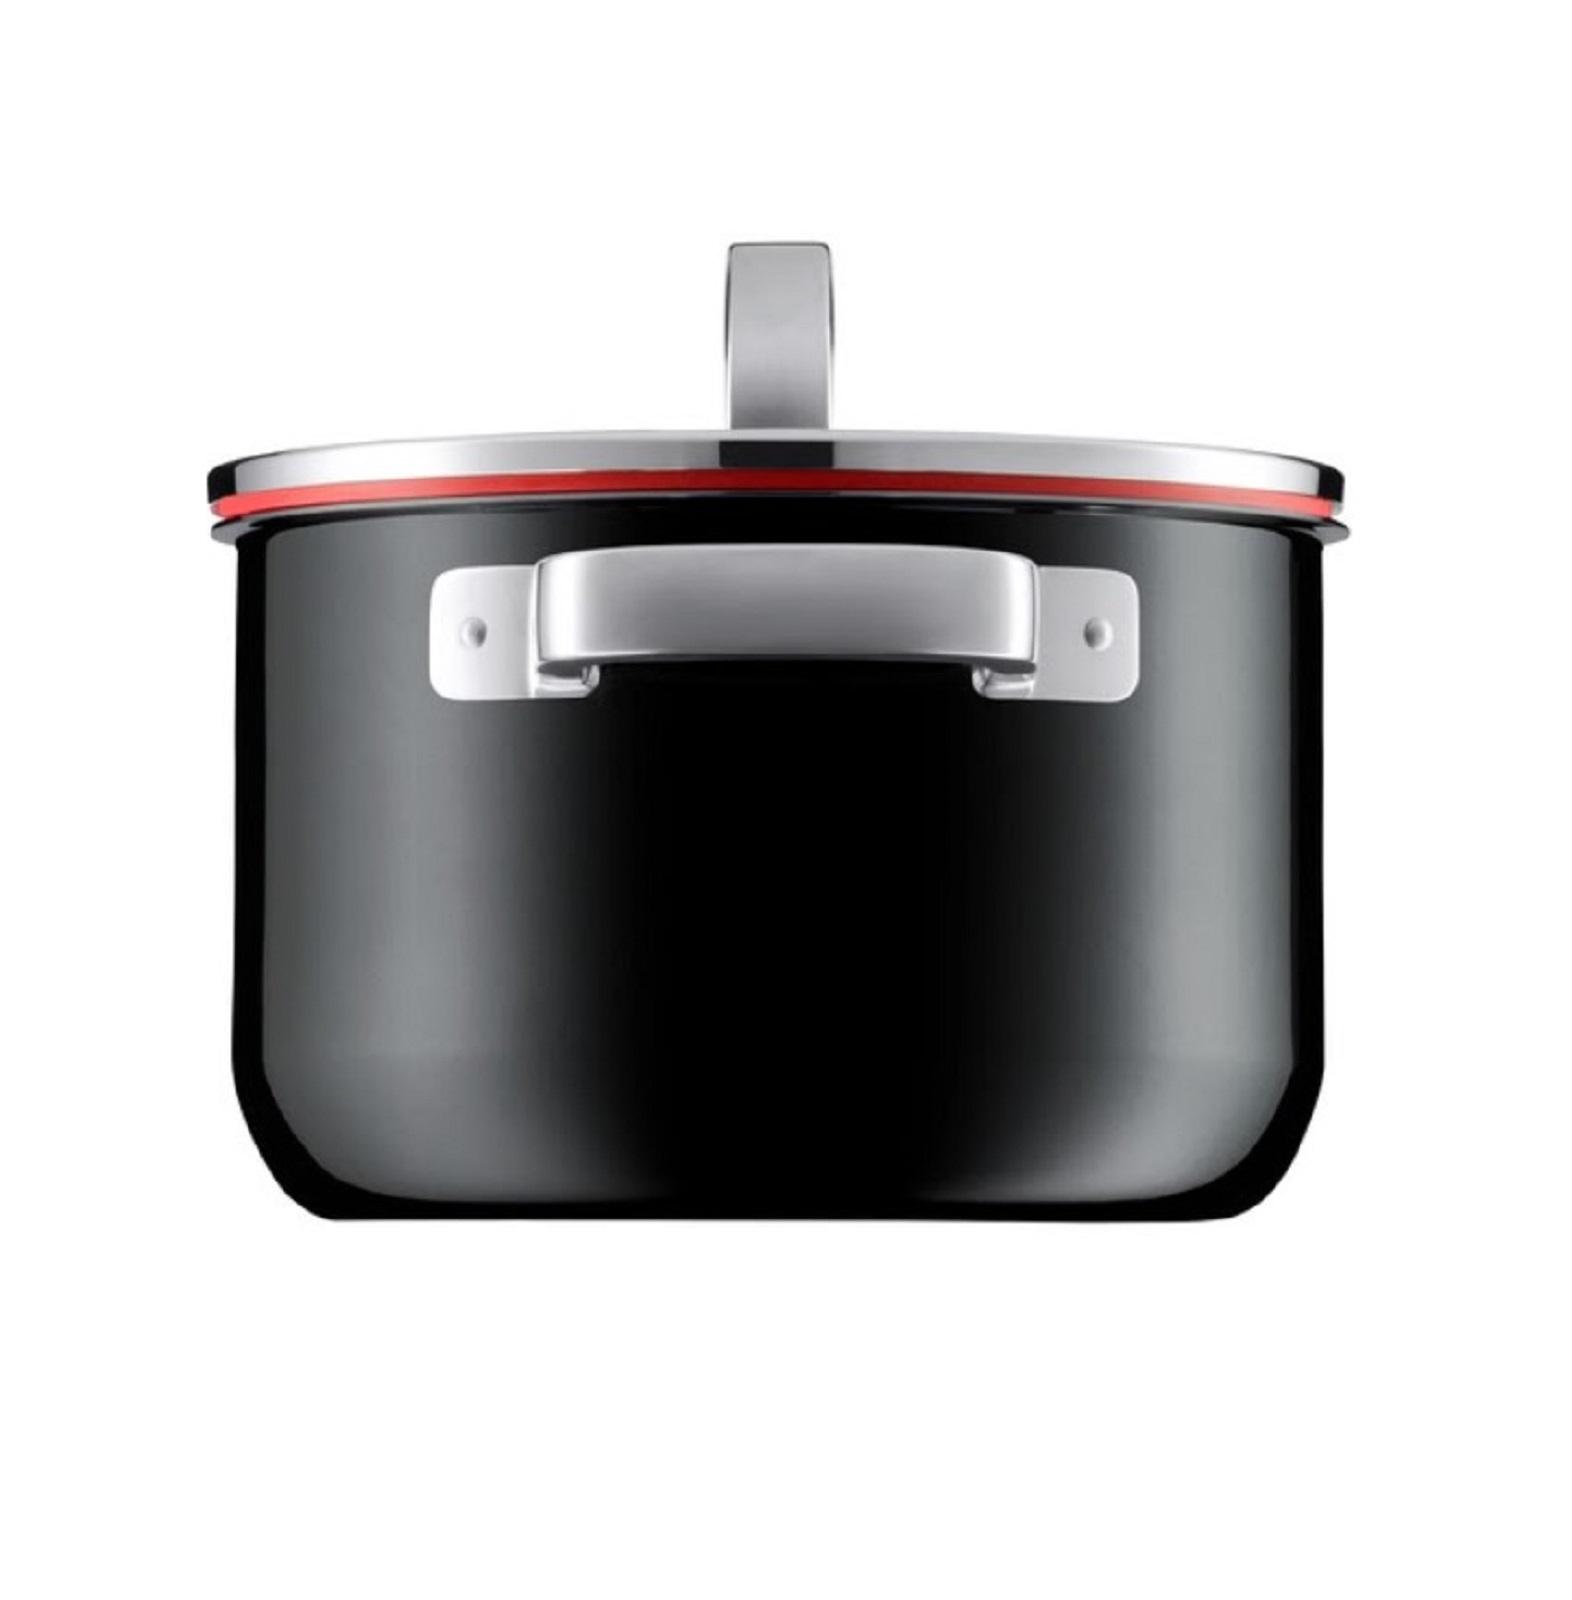 Набор кухонной посуды WMF FUSIONTEC MINERAL, черный, 4 предмета WMF 05 1740 5290 фото 1